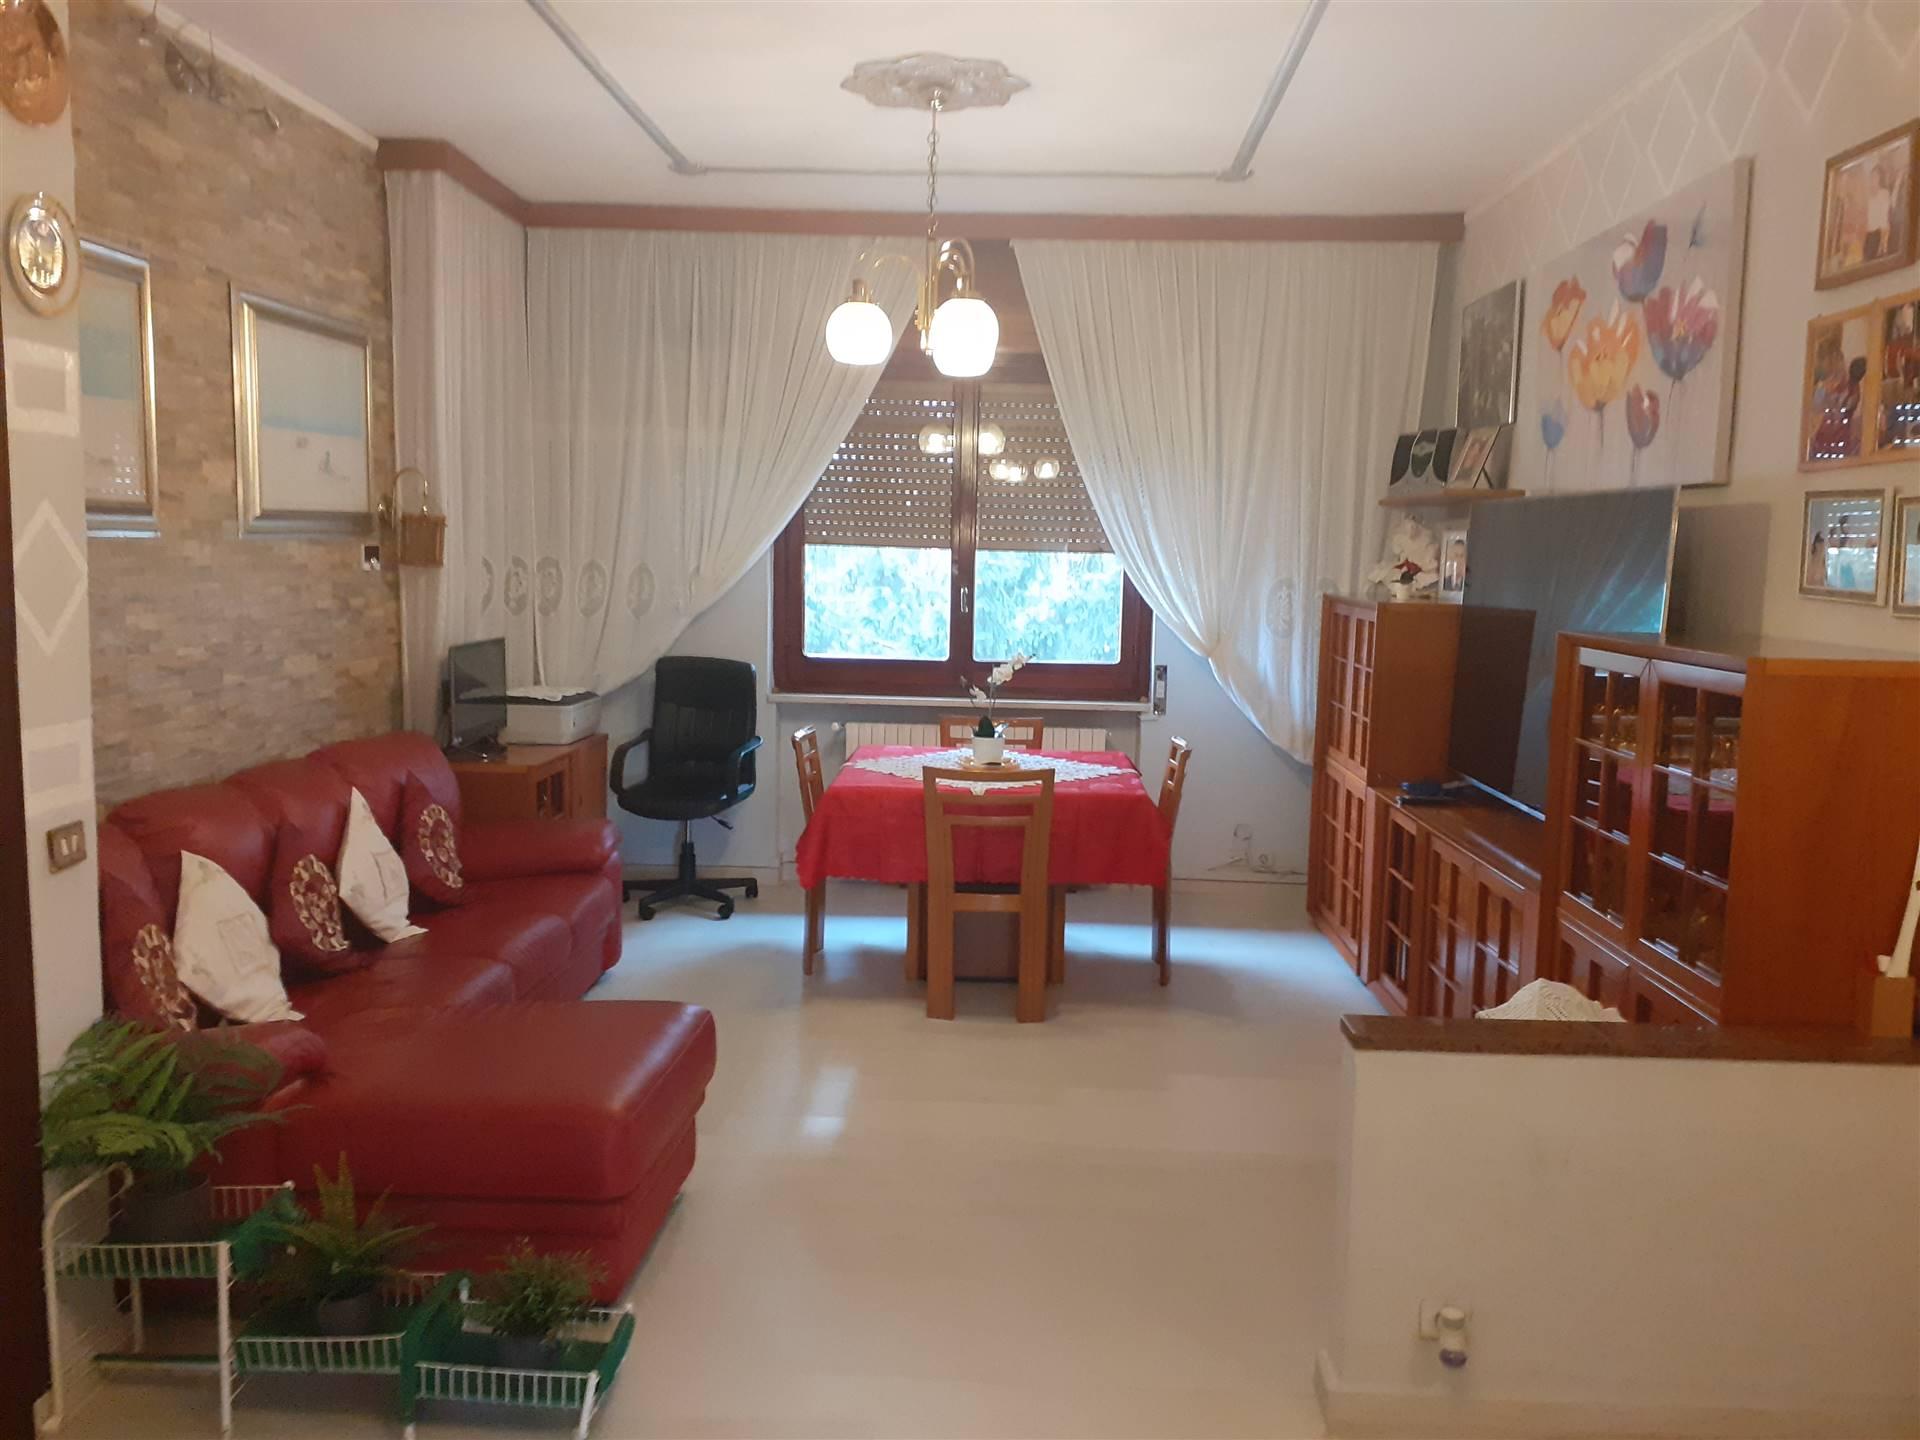 PIOLTELLO, SEGGIANO - in posizione strategica, vicino al passante ferroviario e Unes, in mini palazzina del 1978, posto al secondo piano ed ultimo,